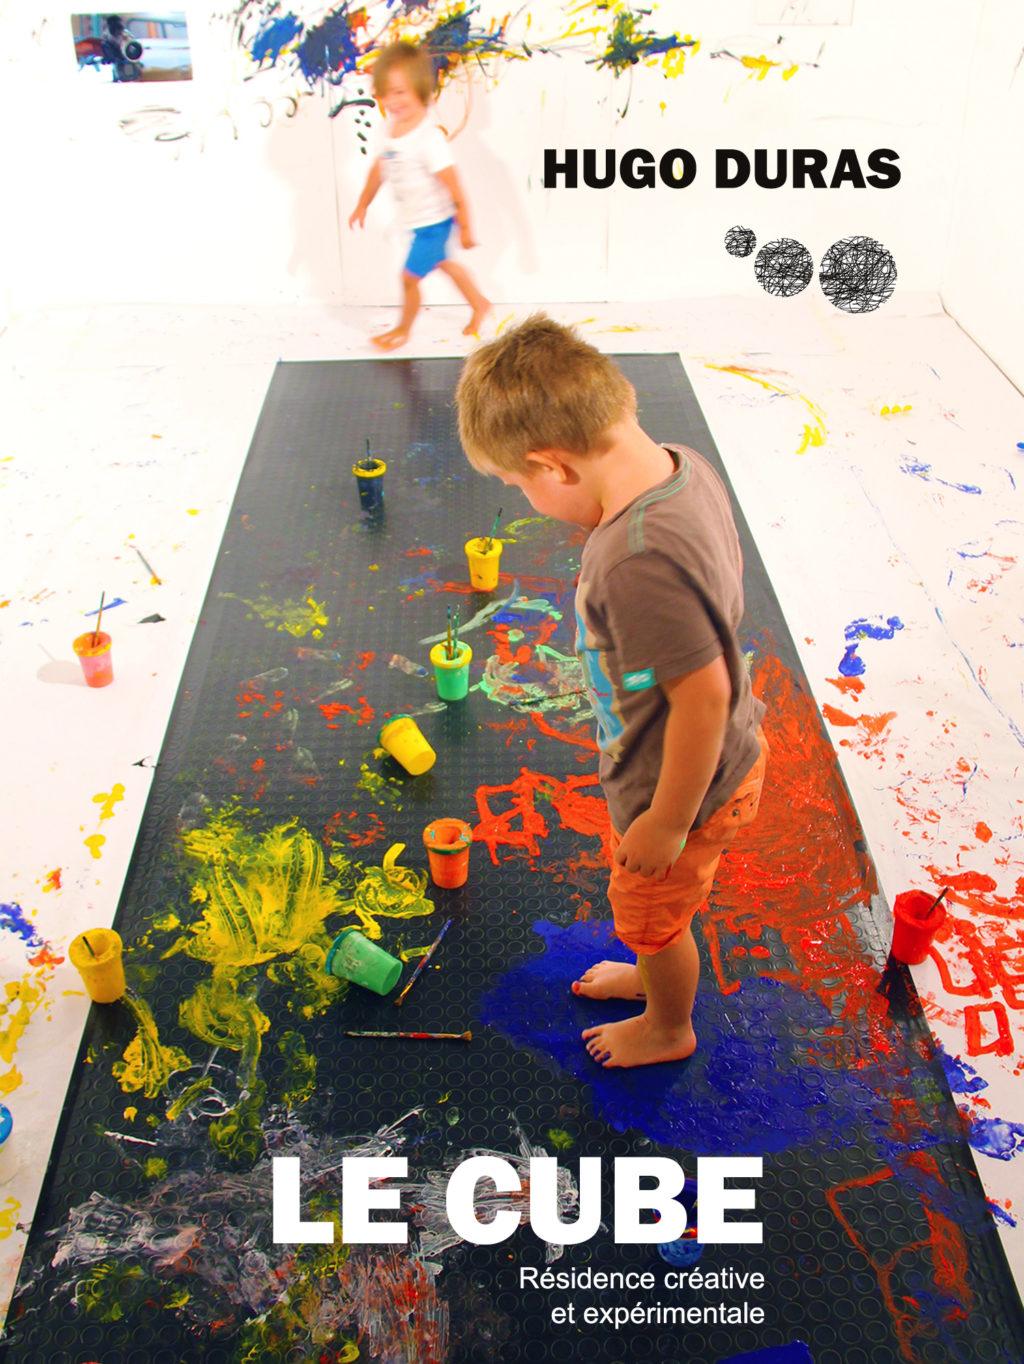 LeCUBE | performance expérimentale et créative petite enfanceHugo Duras_2016